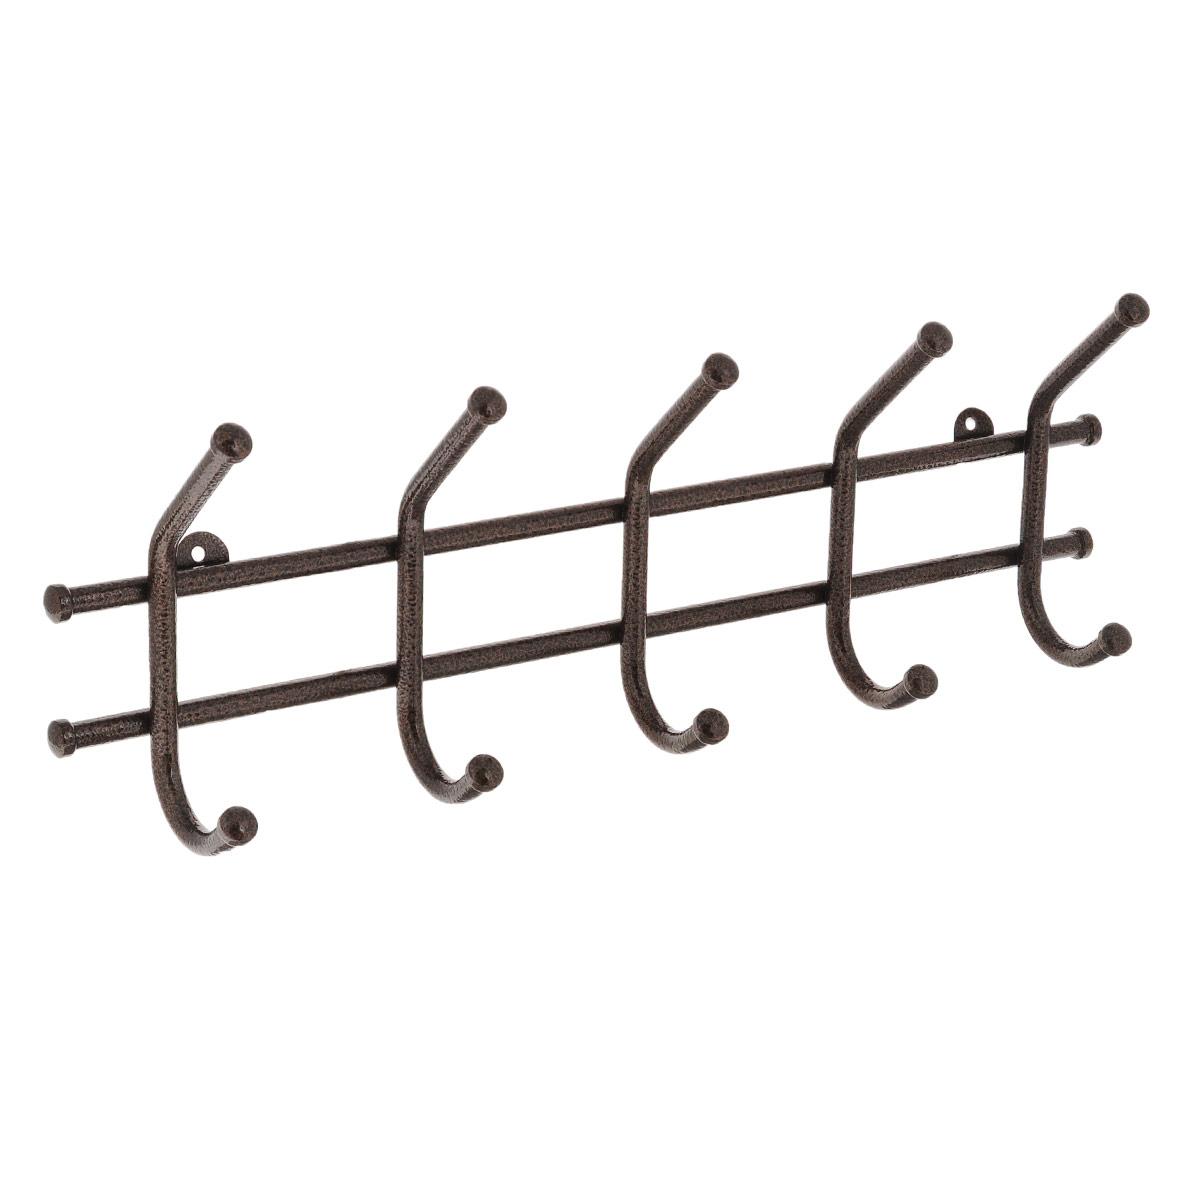 Вешалка настенная ЗМИ Норма 5, 5 крючковВН 24Металлическая вешалка с полимерным покрытием ЗМИ Норма 5 имеет пять крючков для одежды. Крепится к стене при помощи двух шурупов (не входят в комплект).Вешалка ЗМИ Норма 5 идеально подходит для маленьких прихожих и ограниченных пространств.